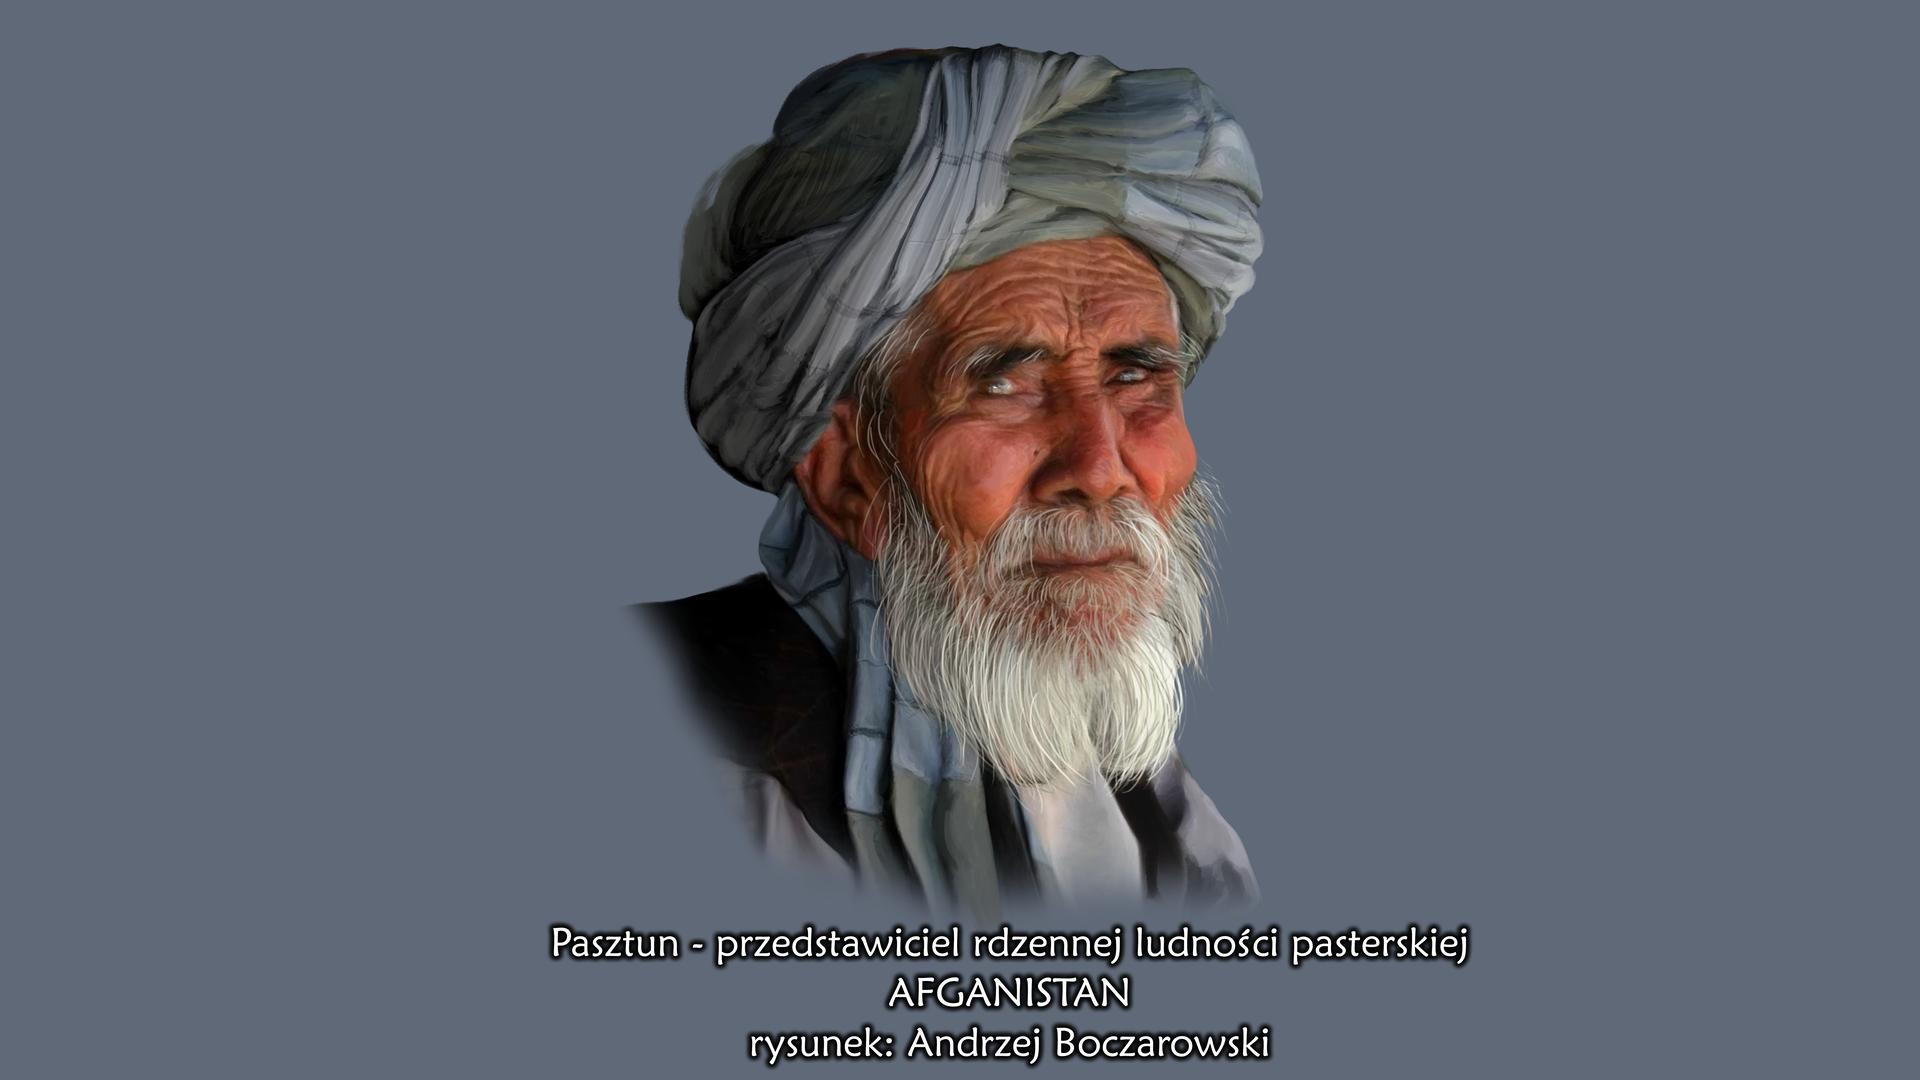 Ilustracja przestawia portret mieszkańca Afganistanu – Pasztuna. Starszy mężczyzna ośniadej cerze, wydatnych kościach policzkowych. Siwa broda iwąsy. Na głowie szary turban.